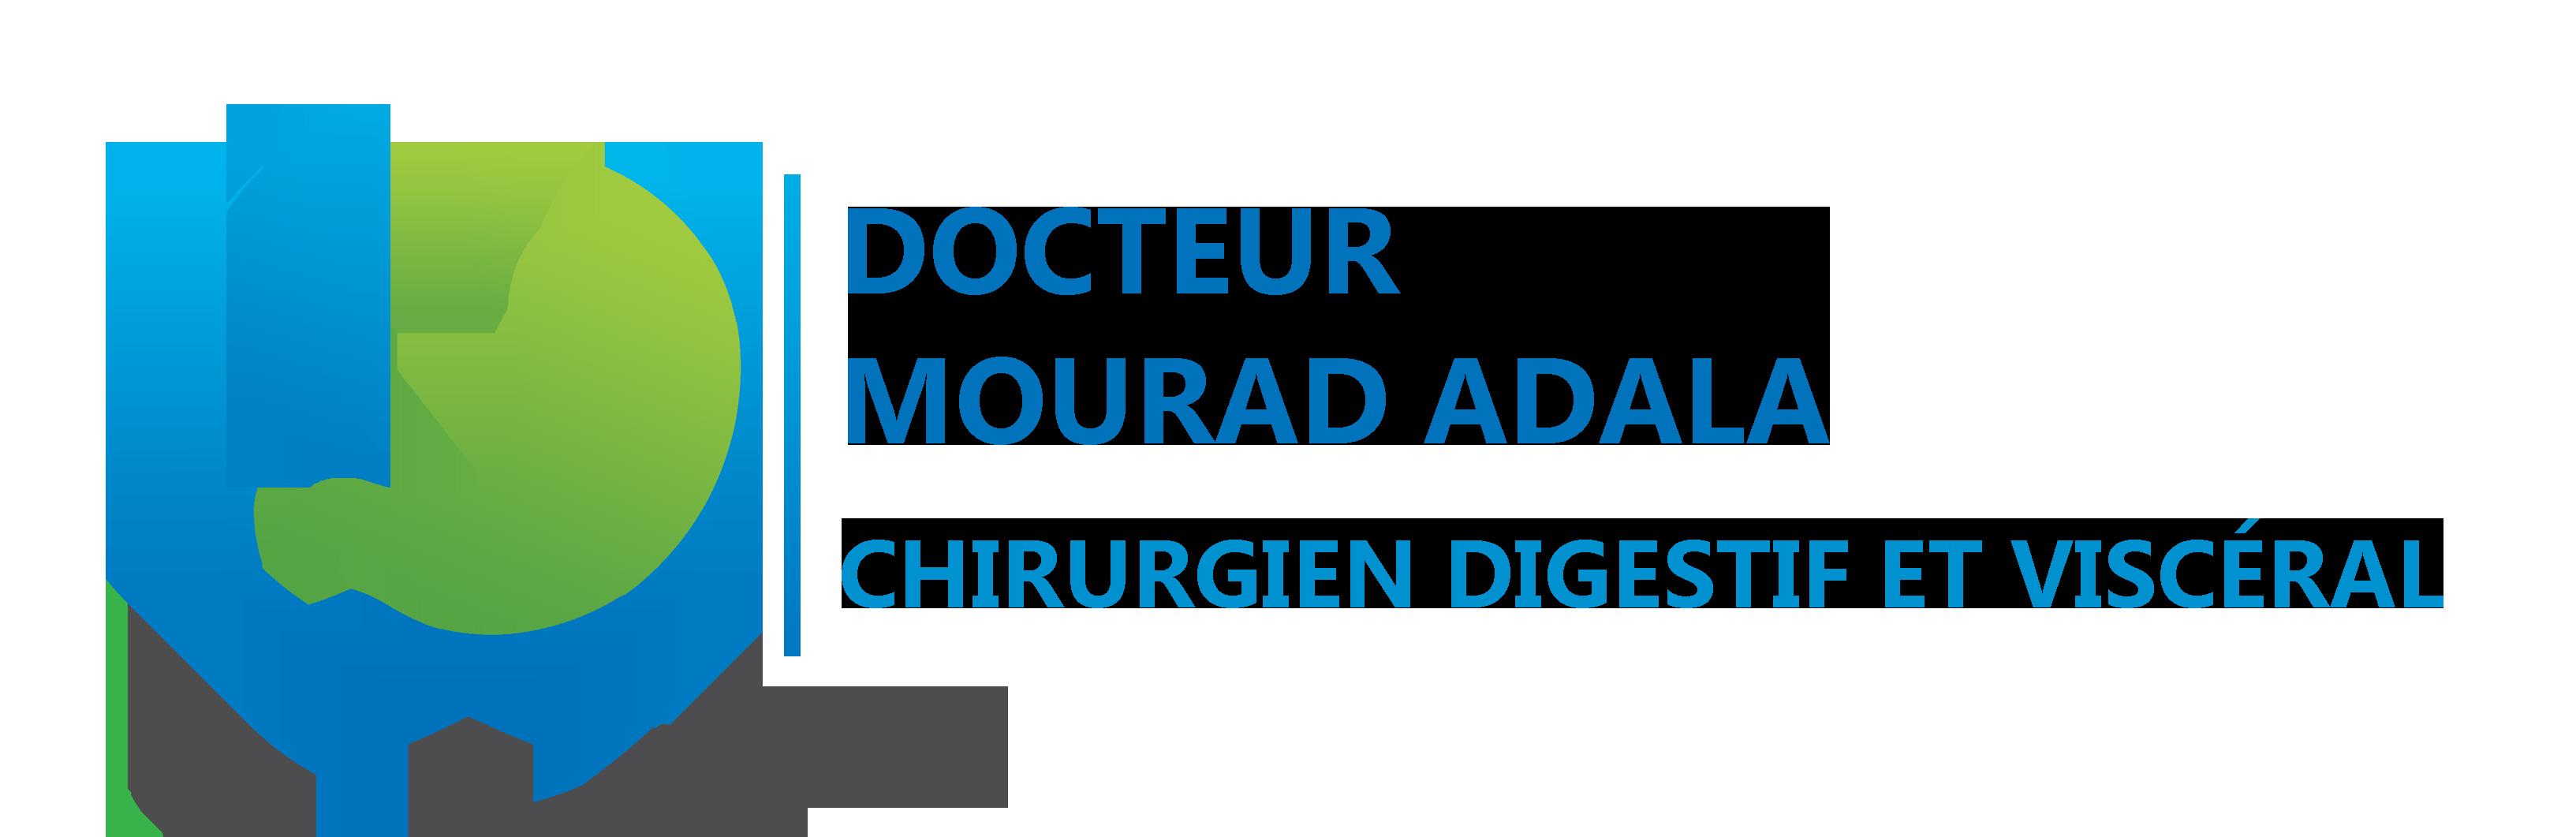 Docteur Mourad Adala